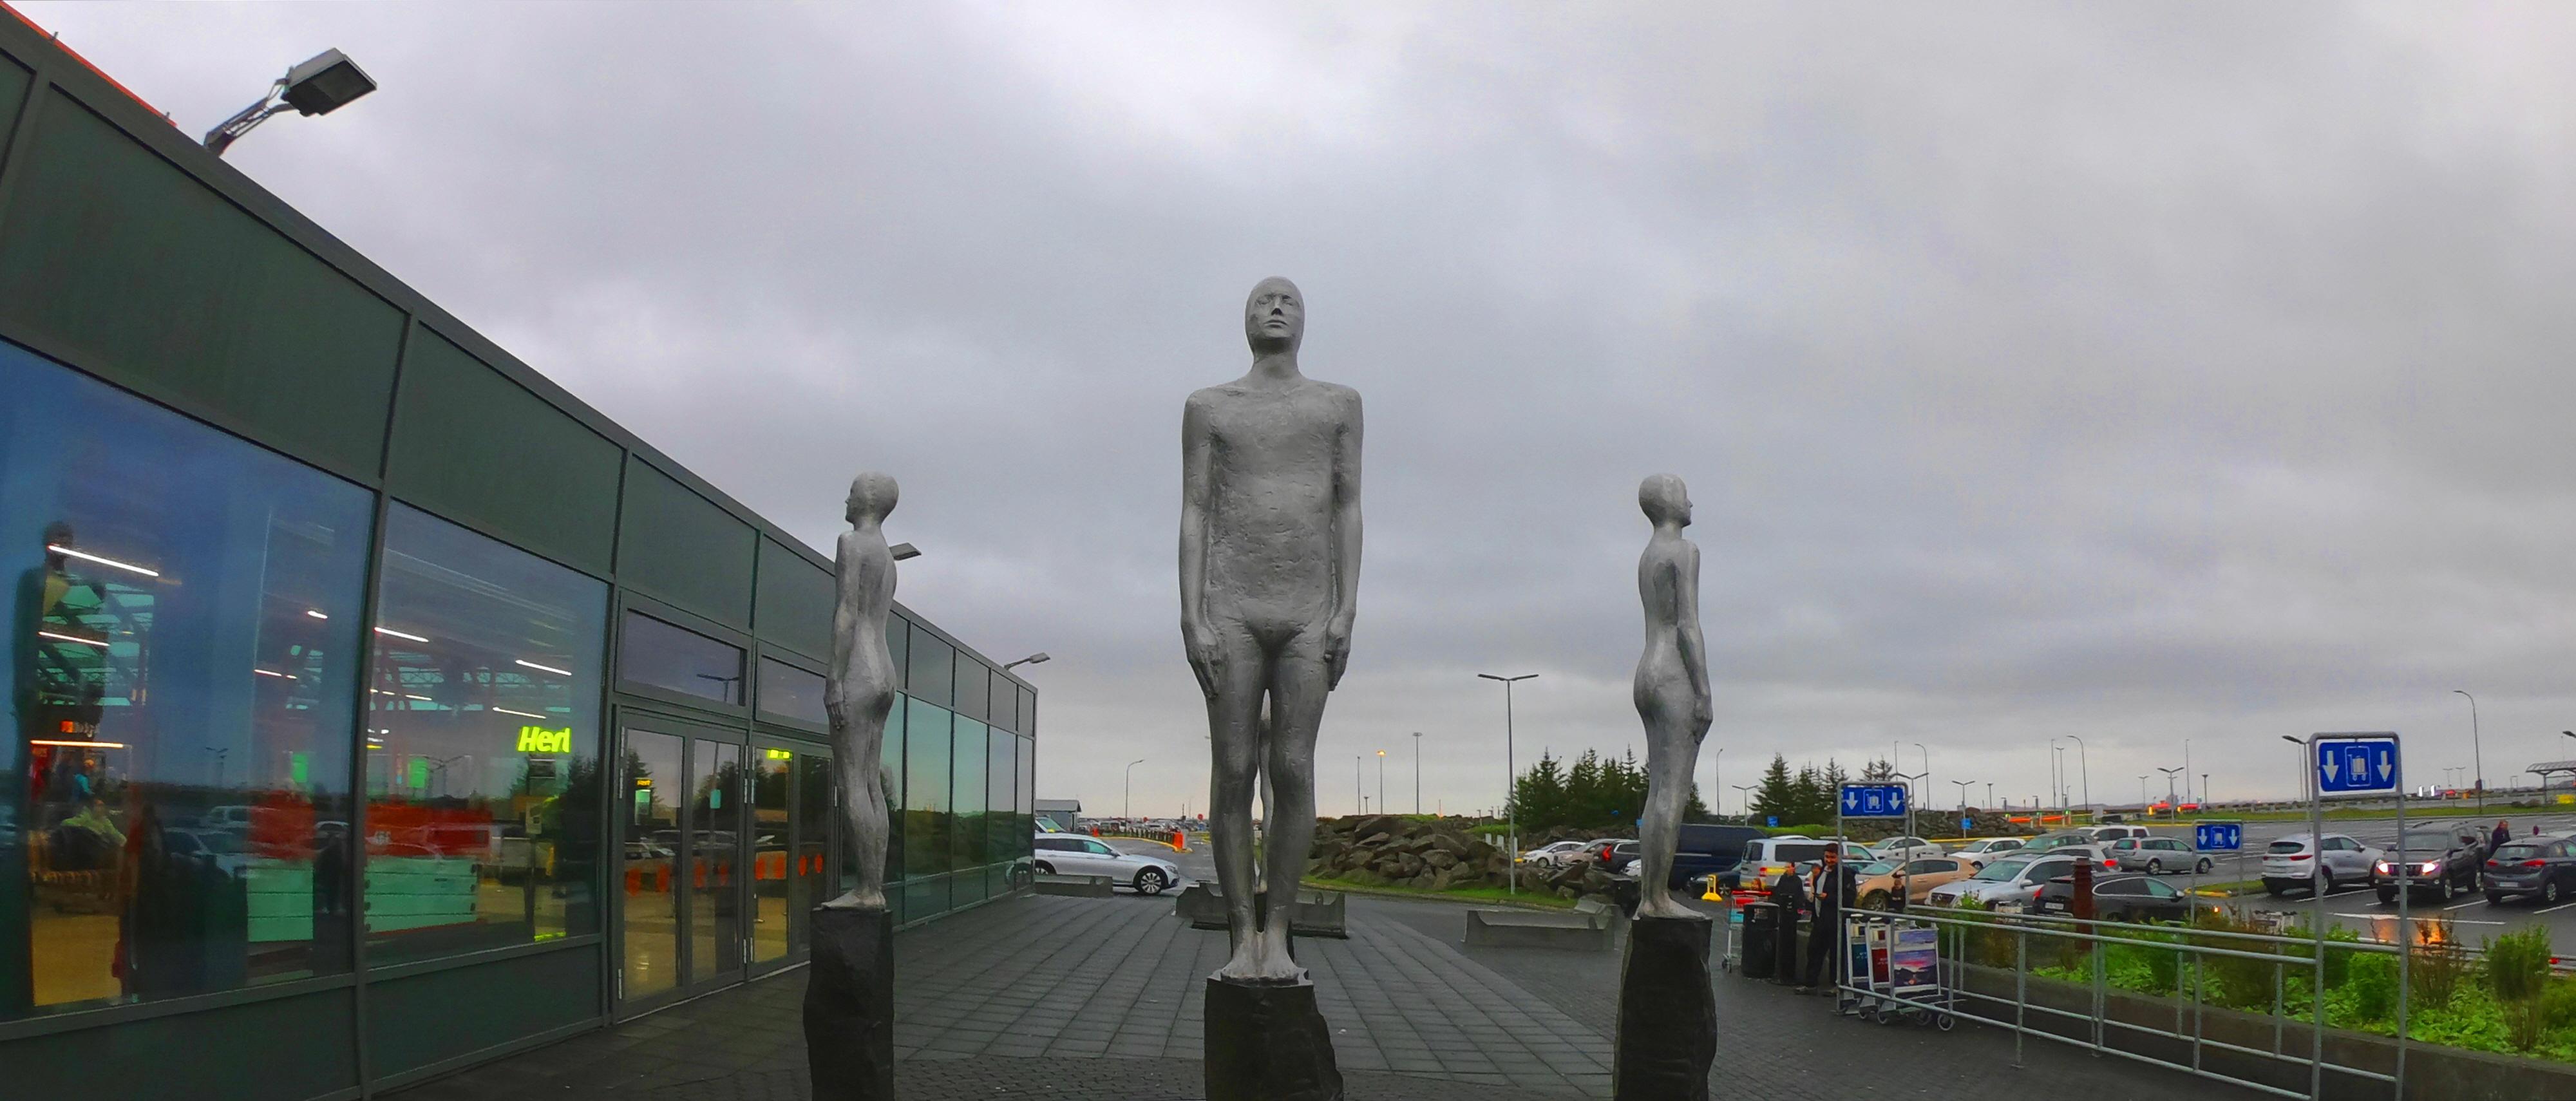 아이슬란드 공항.jpg